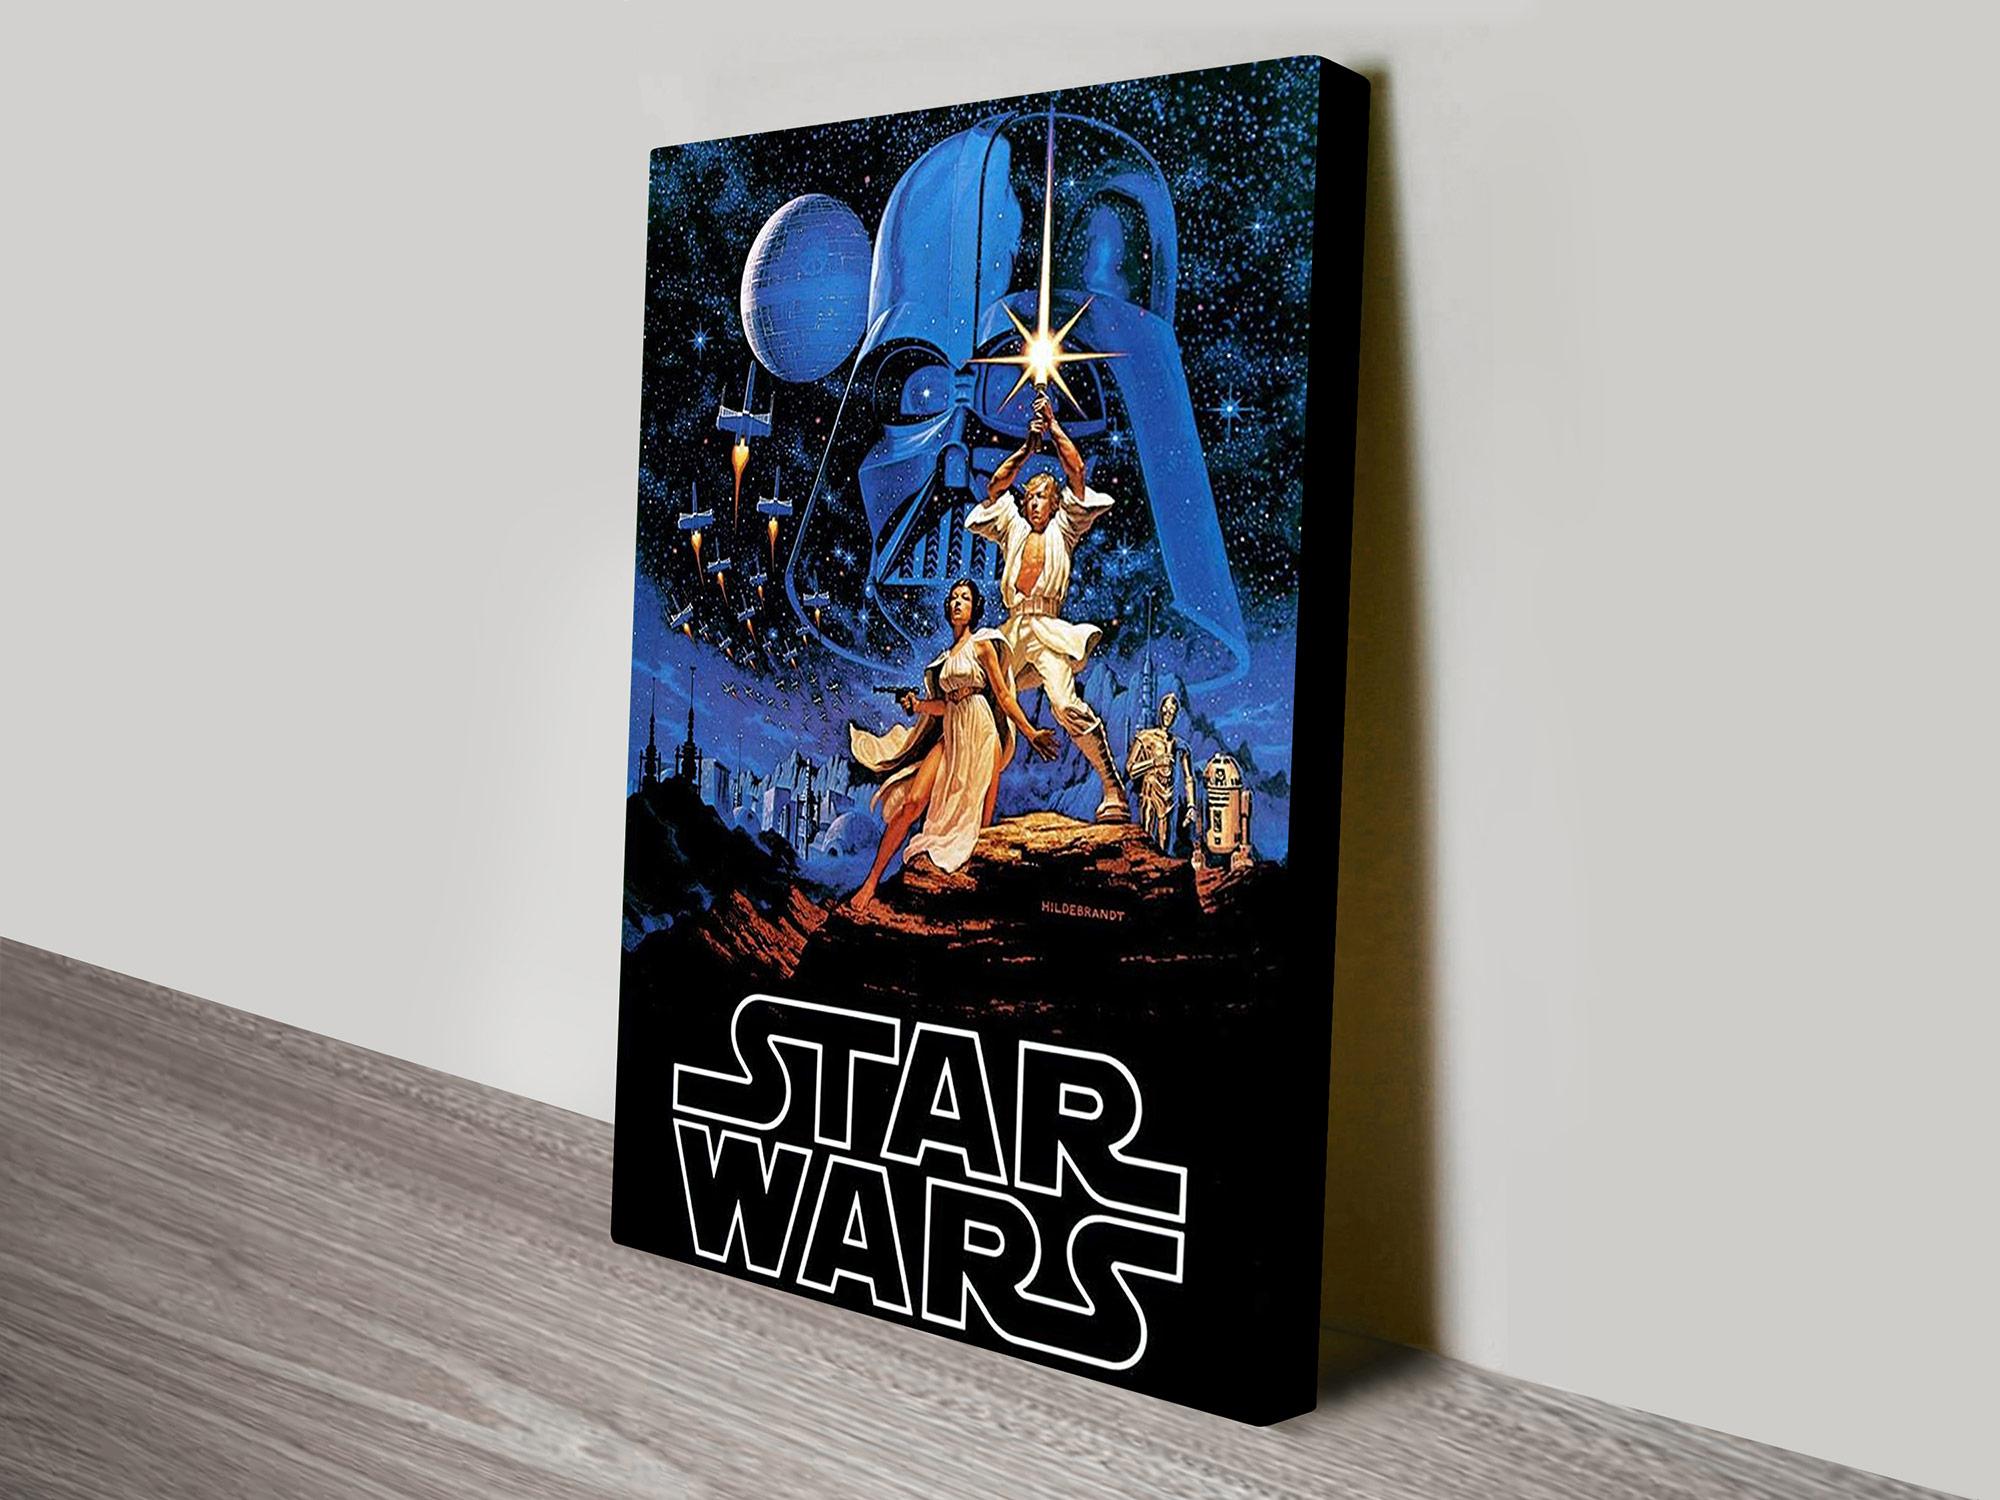 star wars vintage poster i hildebrandt vintage wall art print. Black Bedroom Furniture Sets. Home Design Ideas